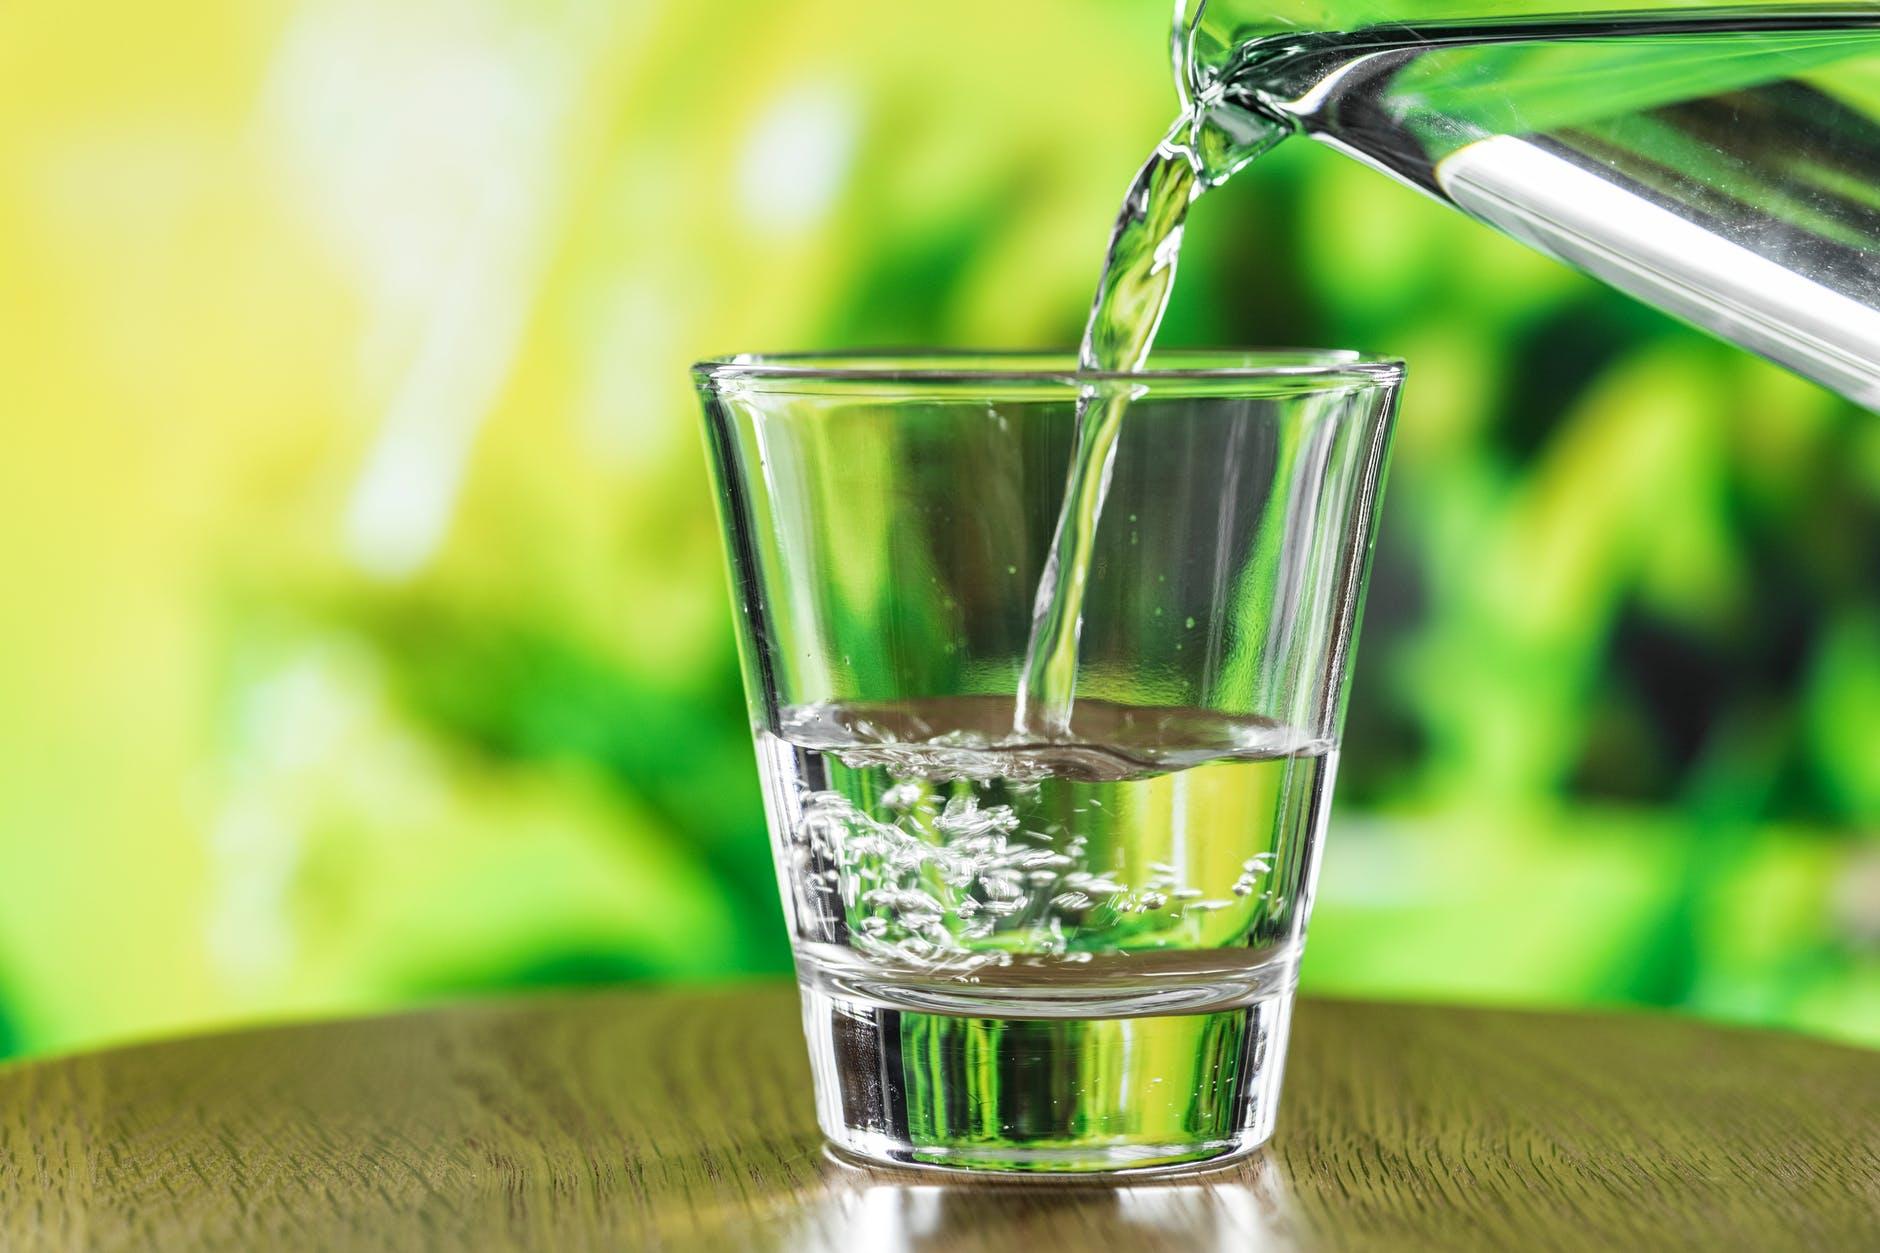 Incrementar-el-consumo-de-agua-te-ayudará-a-perder-peso